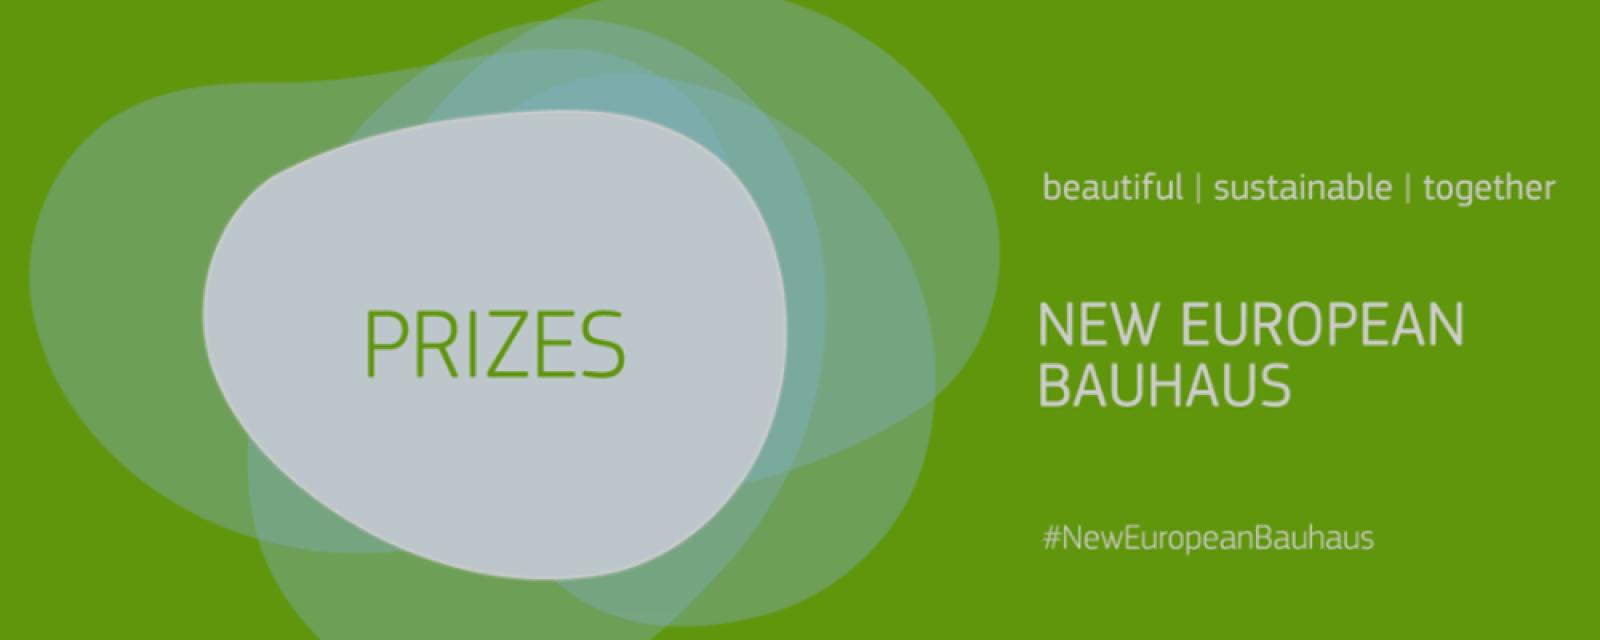 new-european-bauhaus-prix